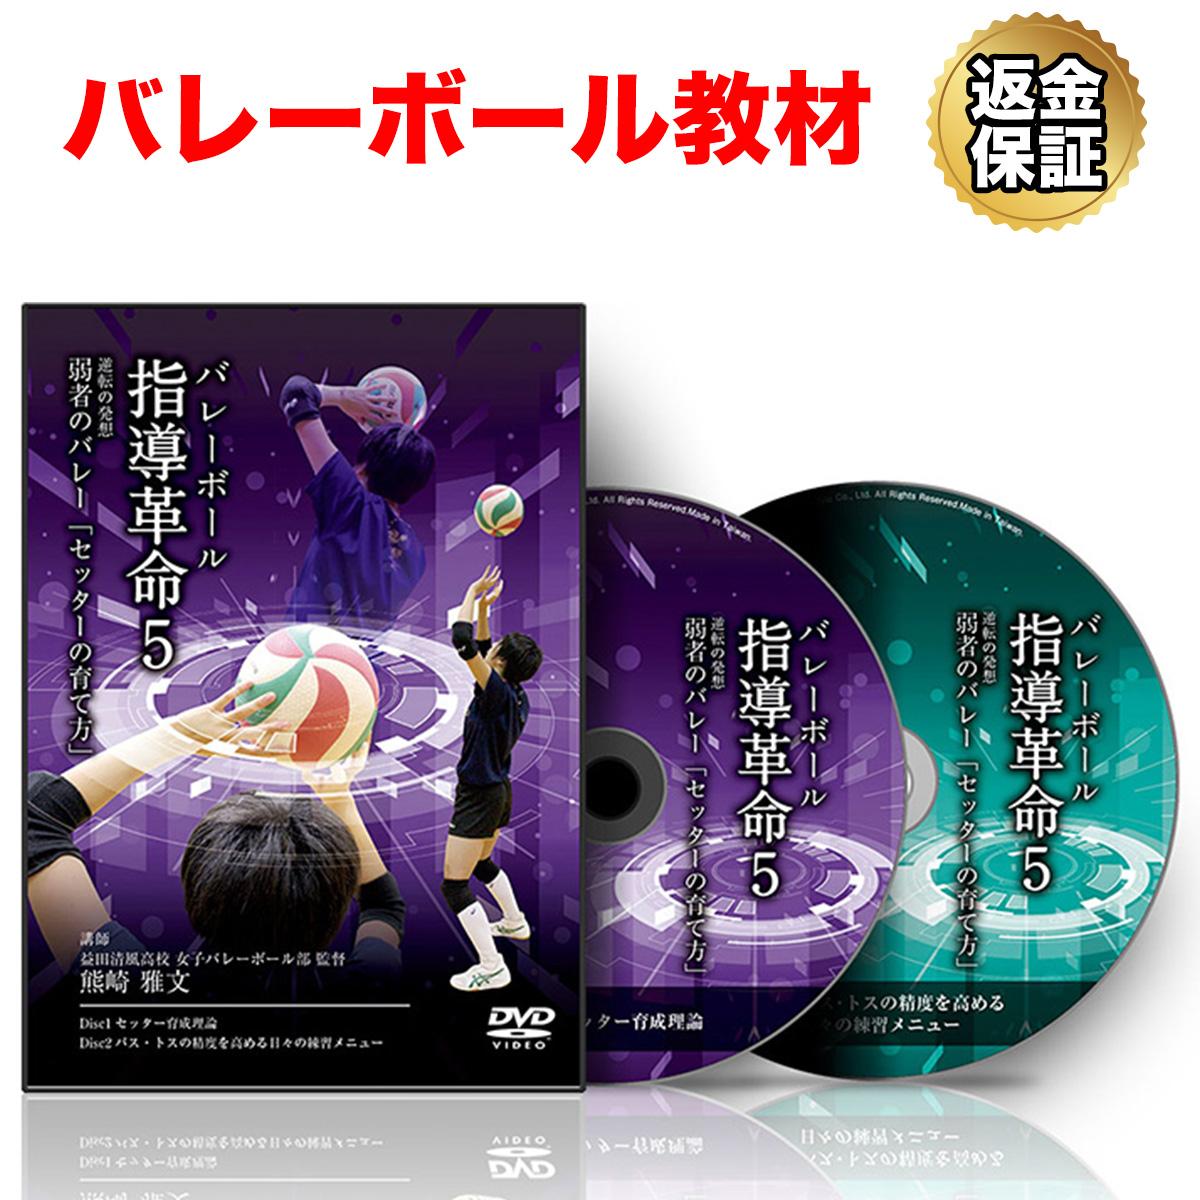 【バレーボール】バレーボール指導革命5~逆転の発想 弱者のバレー「セッターの育て方」~